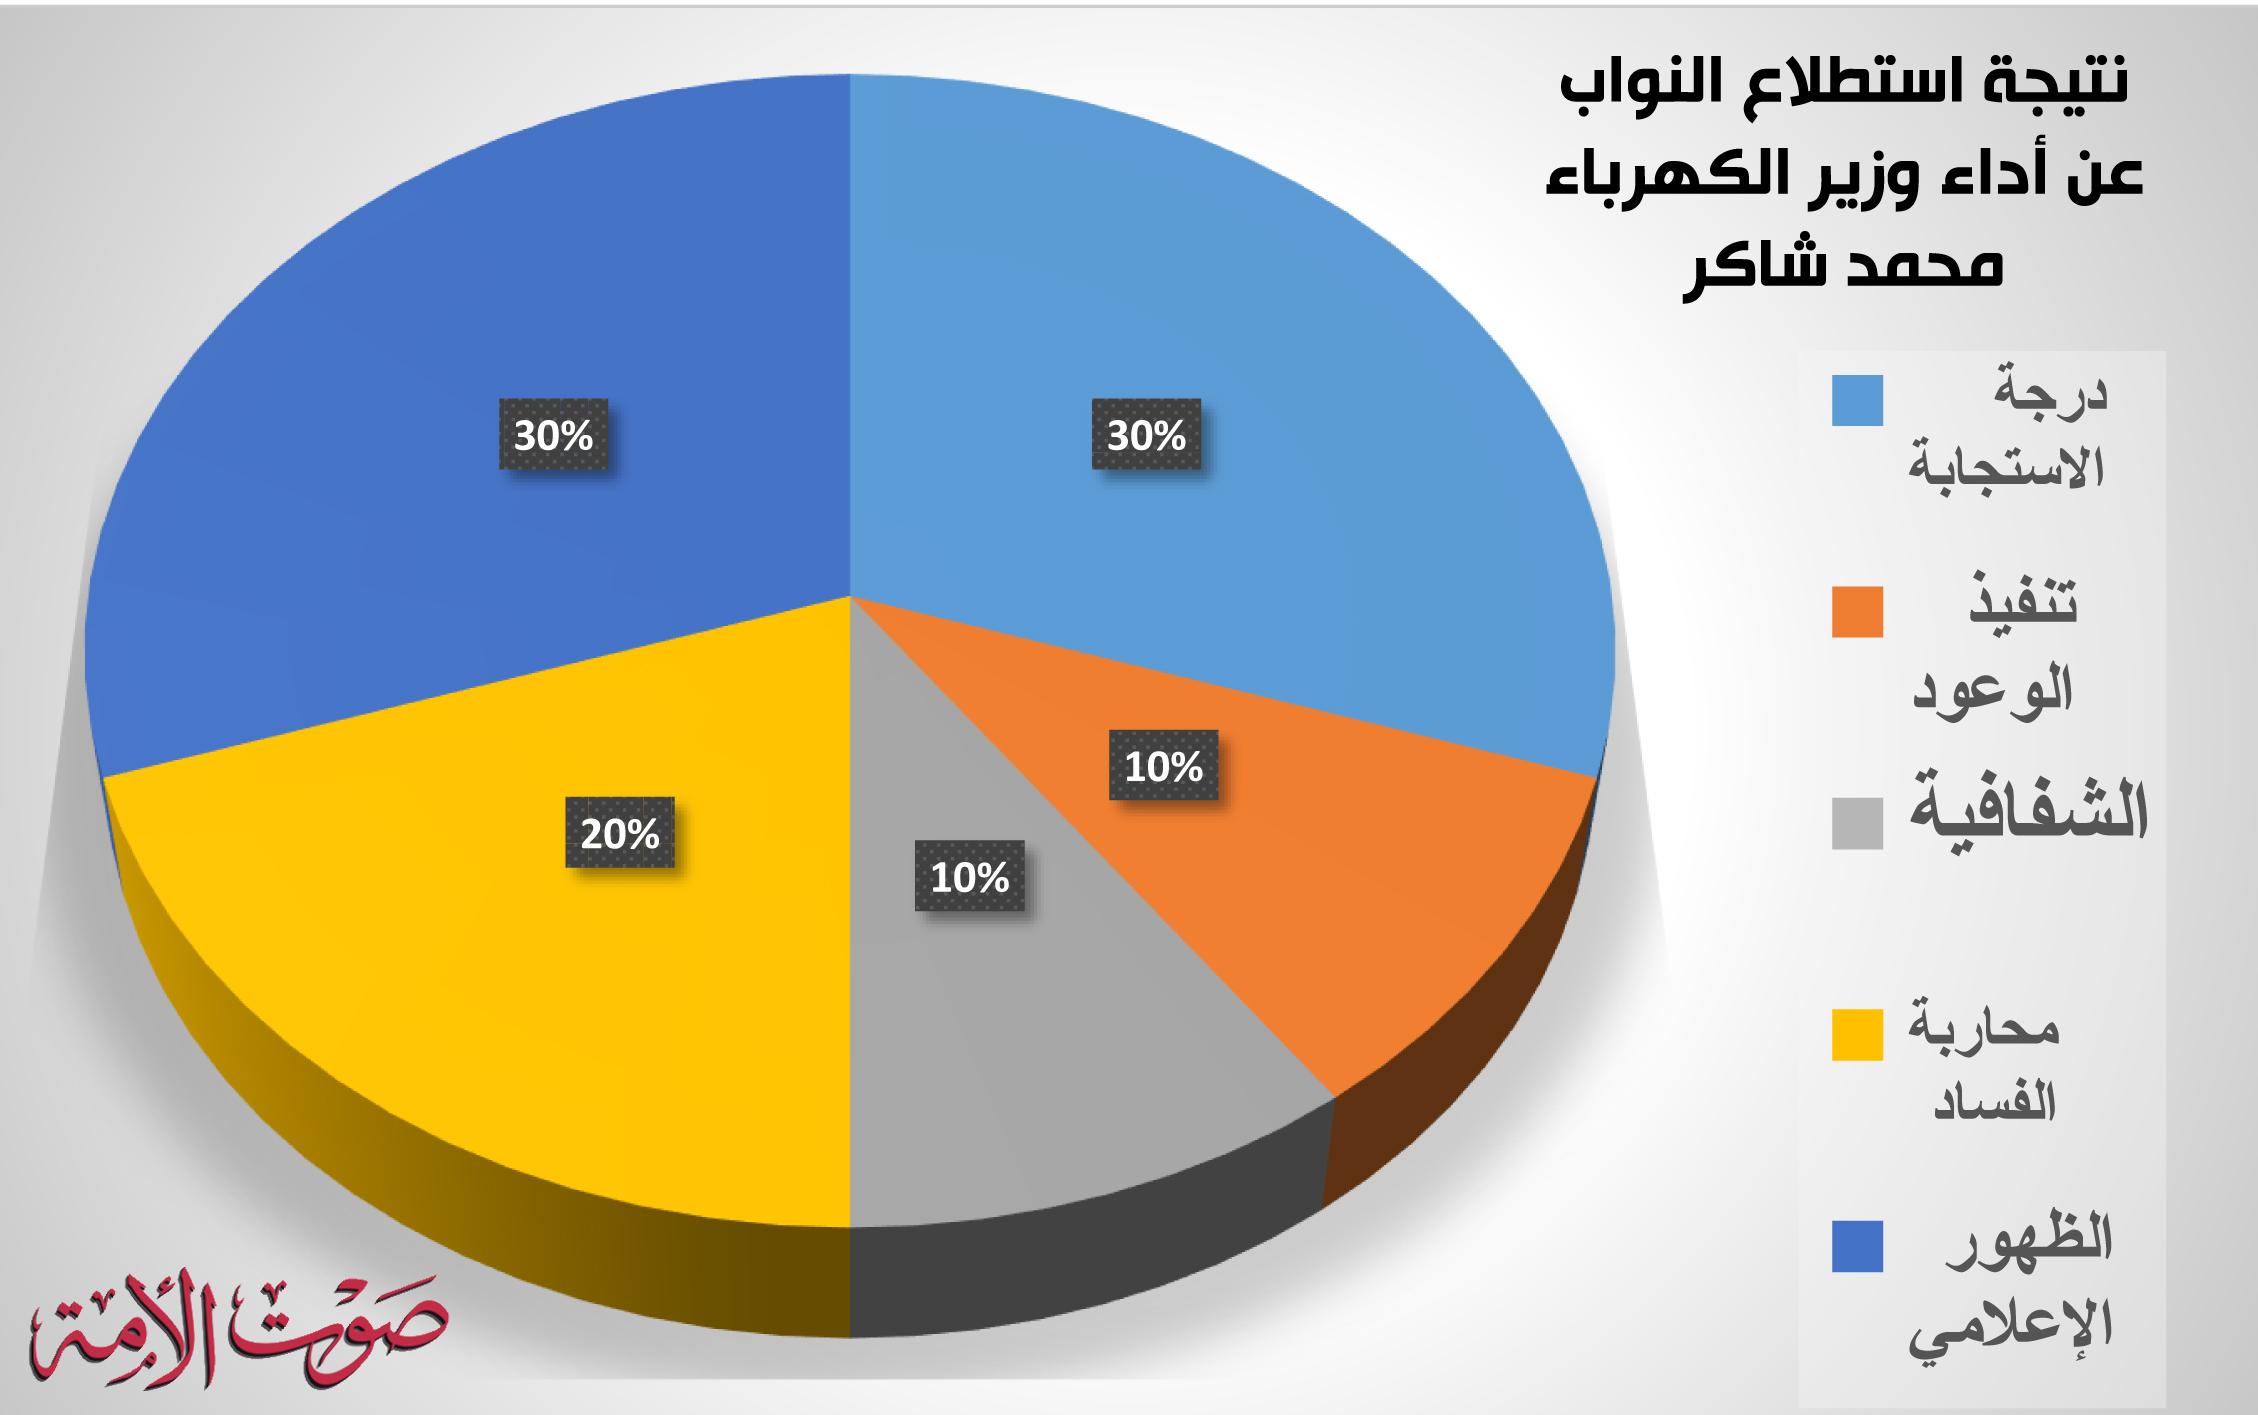 نتيجة استطلاع النواب عن أداء وزير الكهرباء محمد شاكر